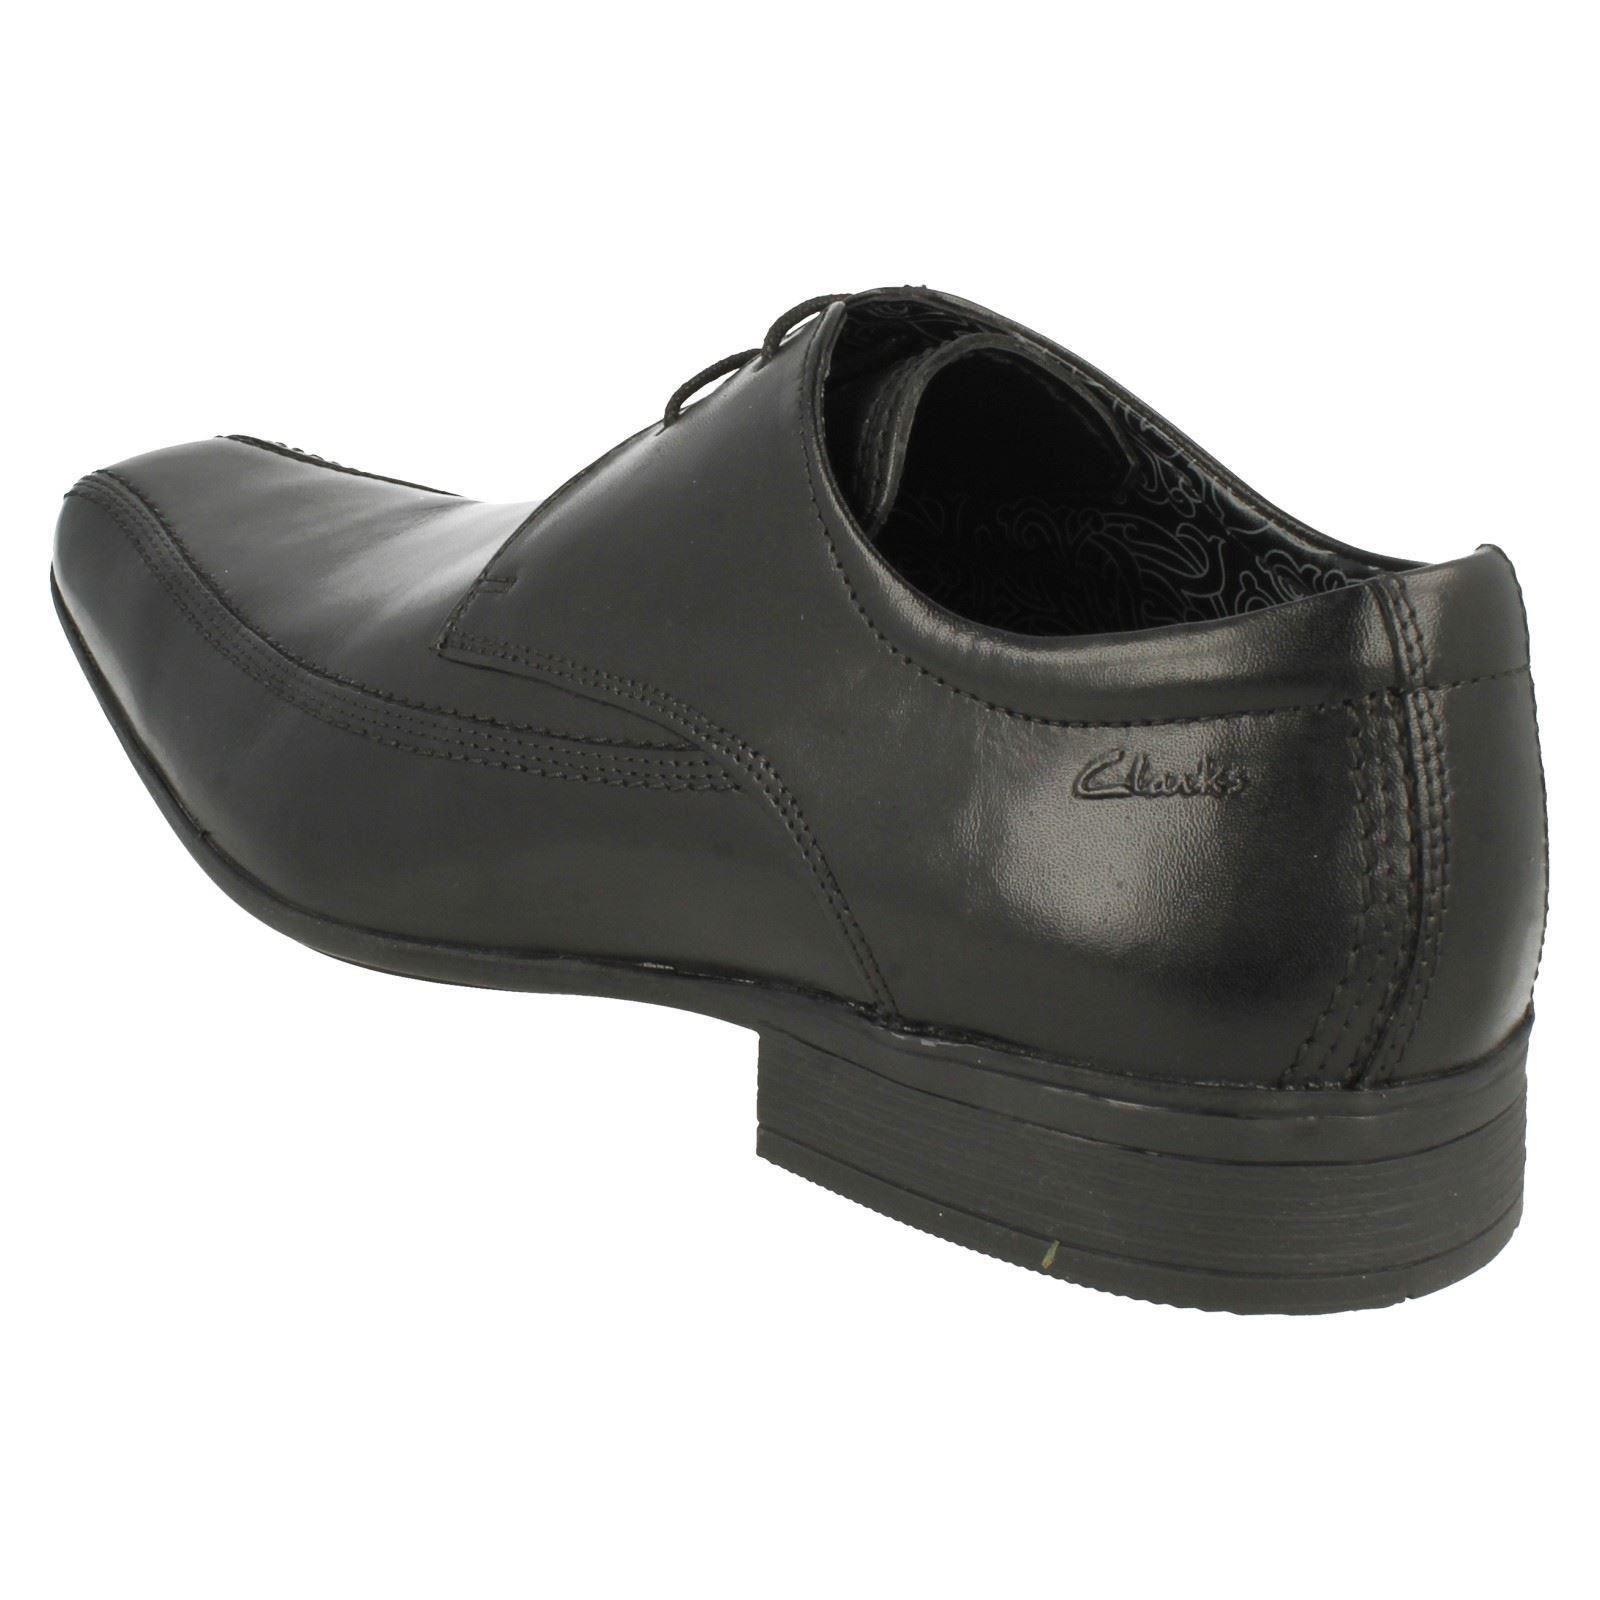 Herren Clarks Förmliche Schuhe' Schuhe' Förmliche Aze Tag' 8c9f1d